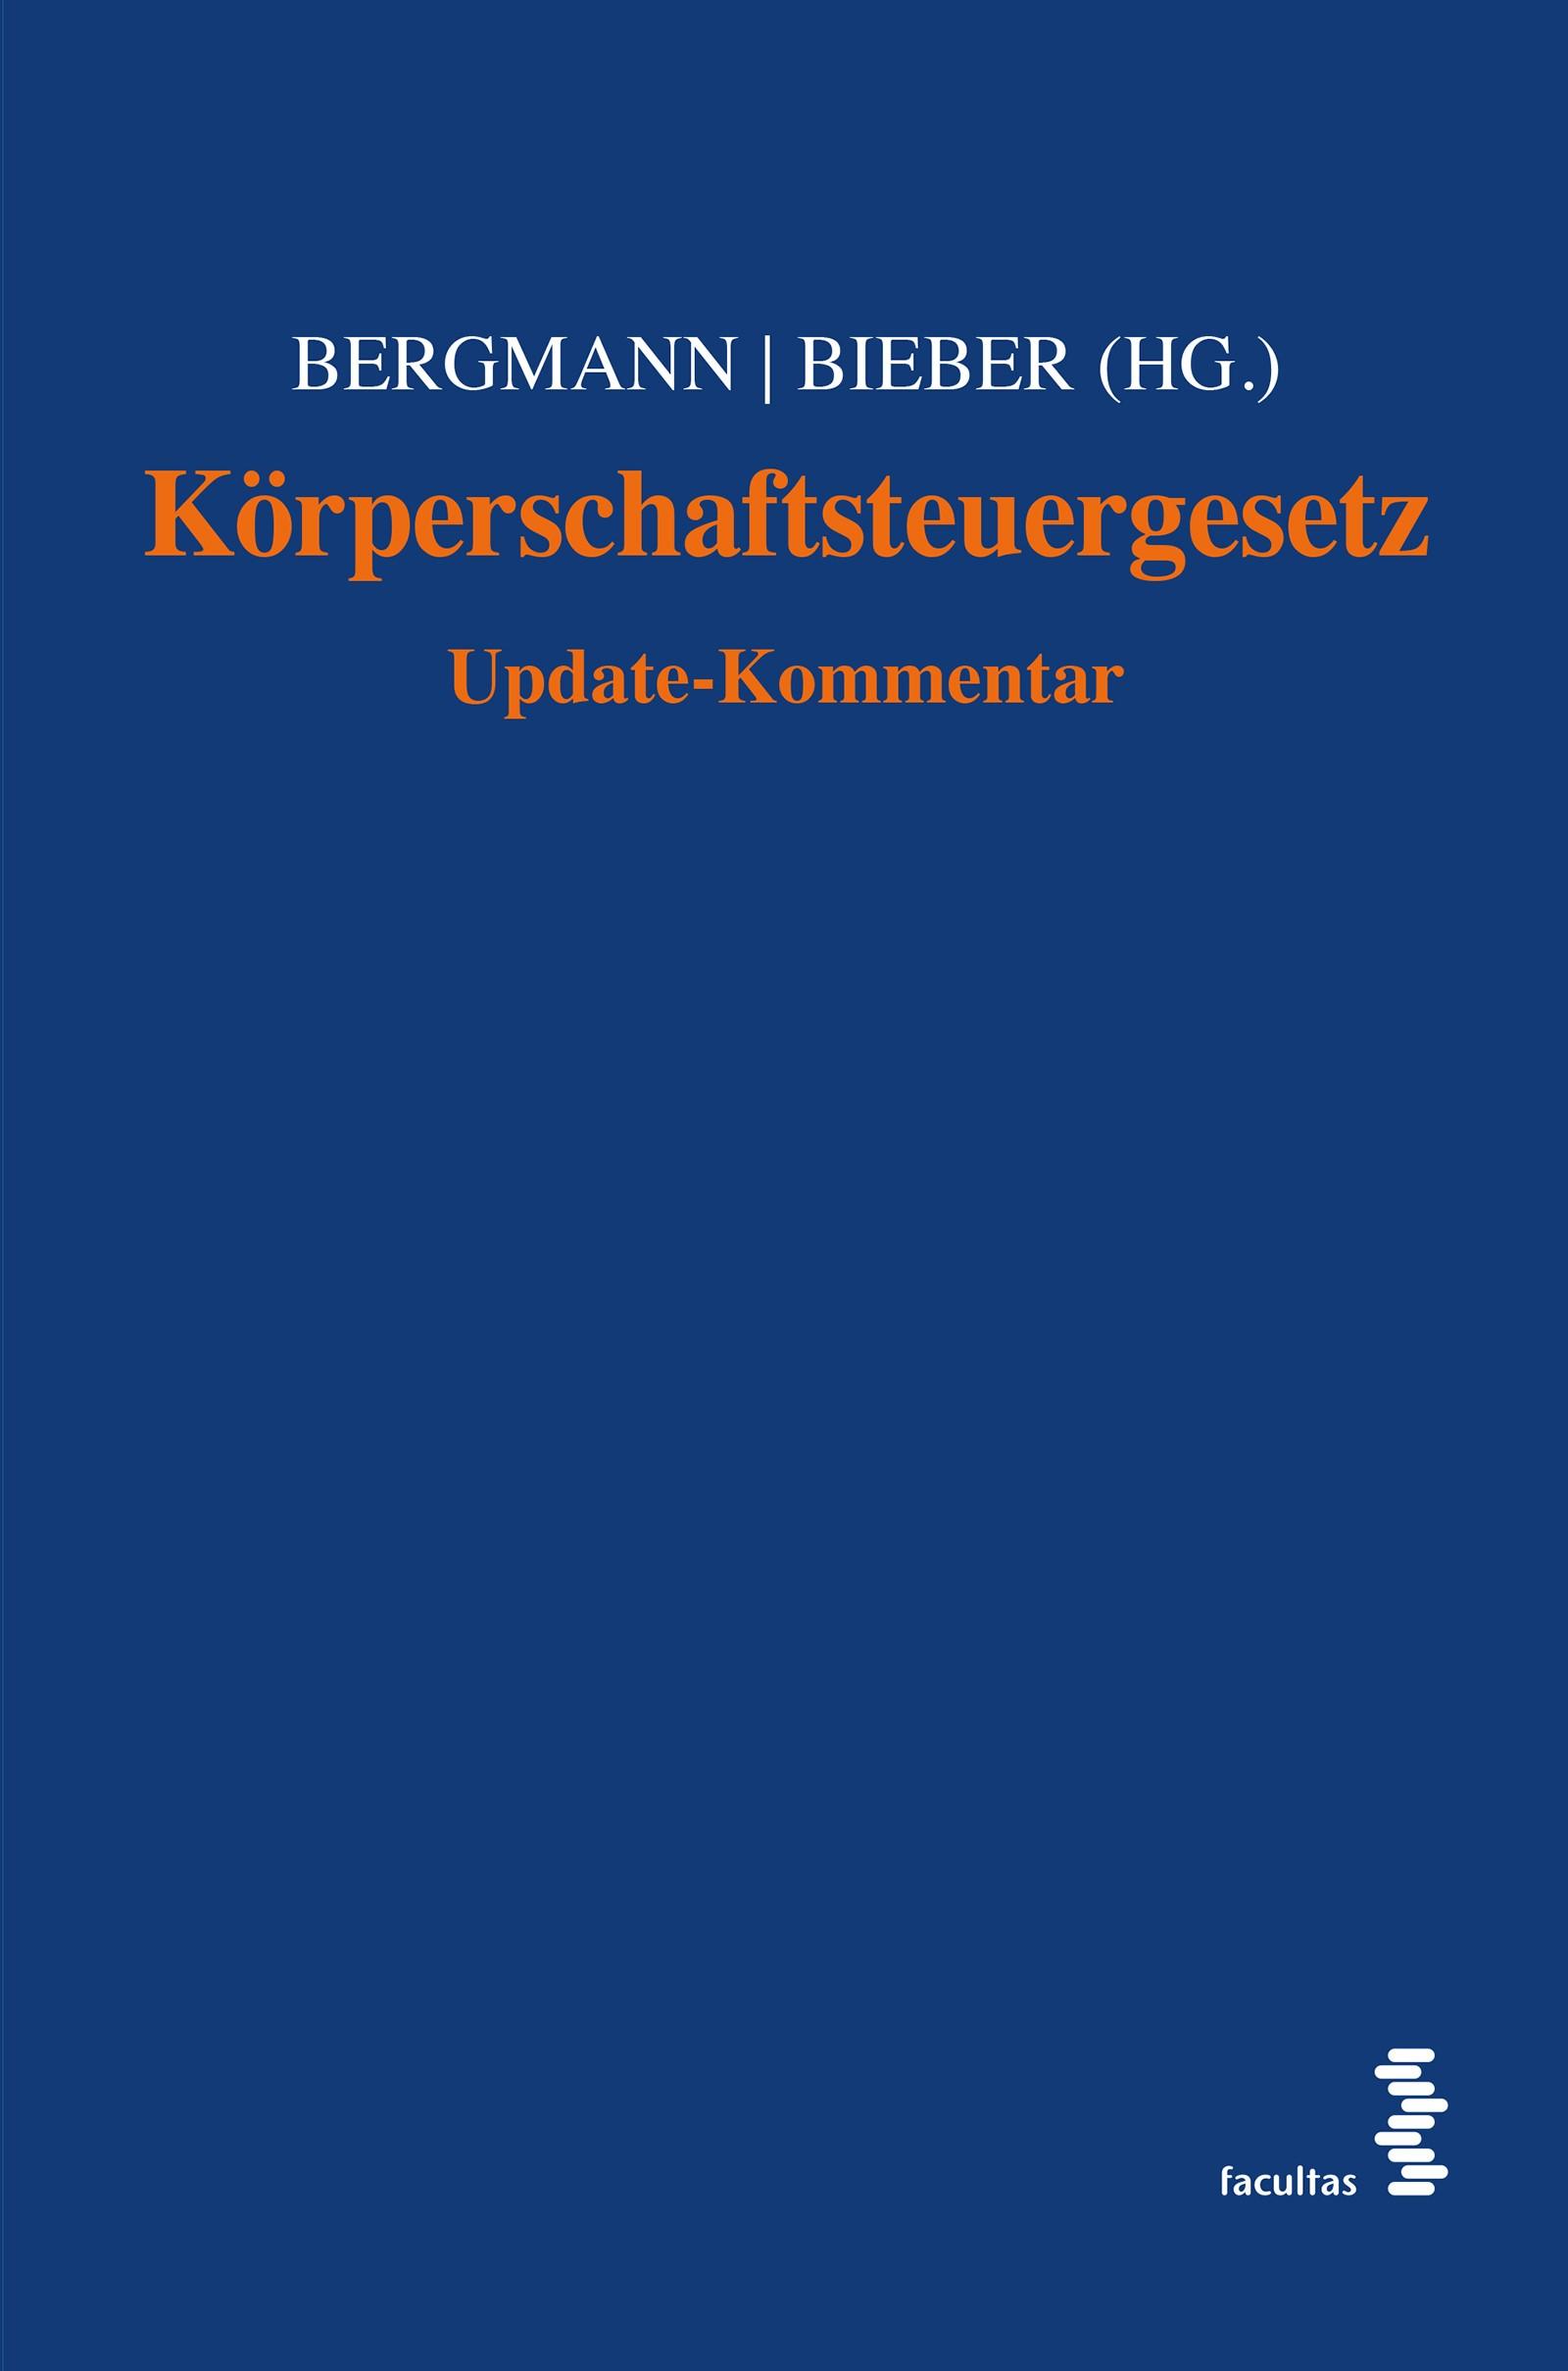 Körperschaftsteuergesetz | Bergmann / Bieber (Hrsg.), 2015 | Buch (Cover)